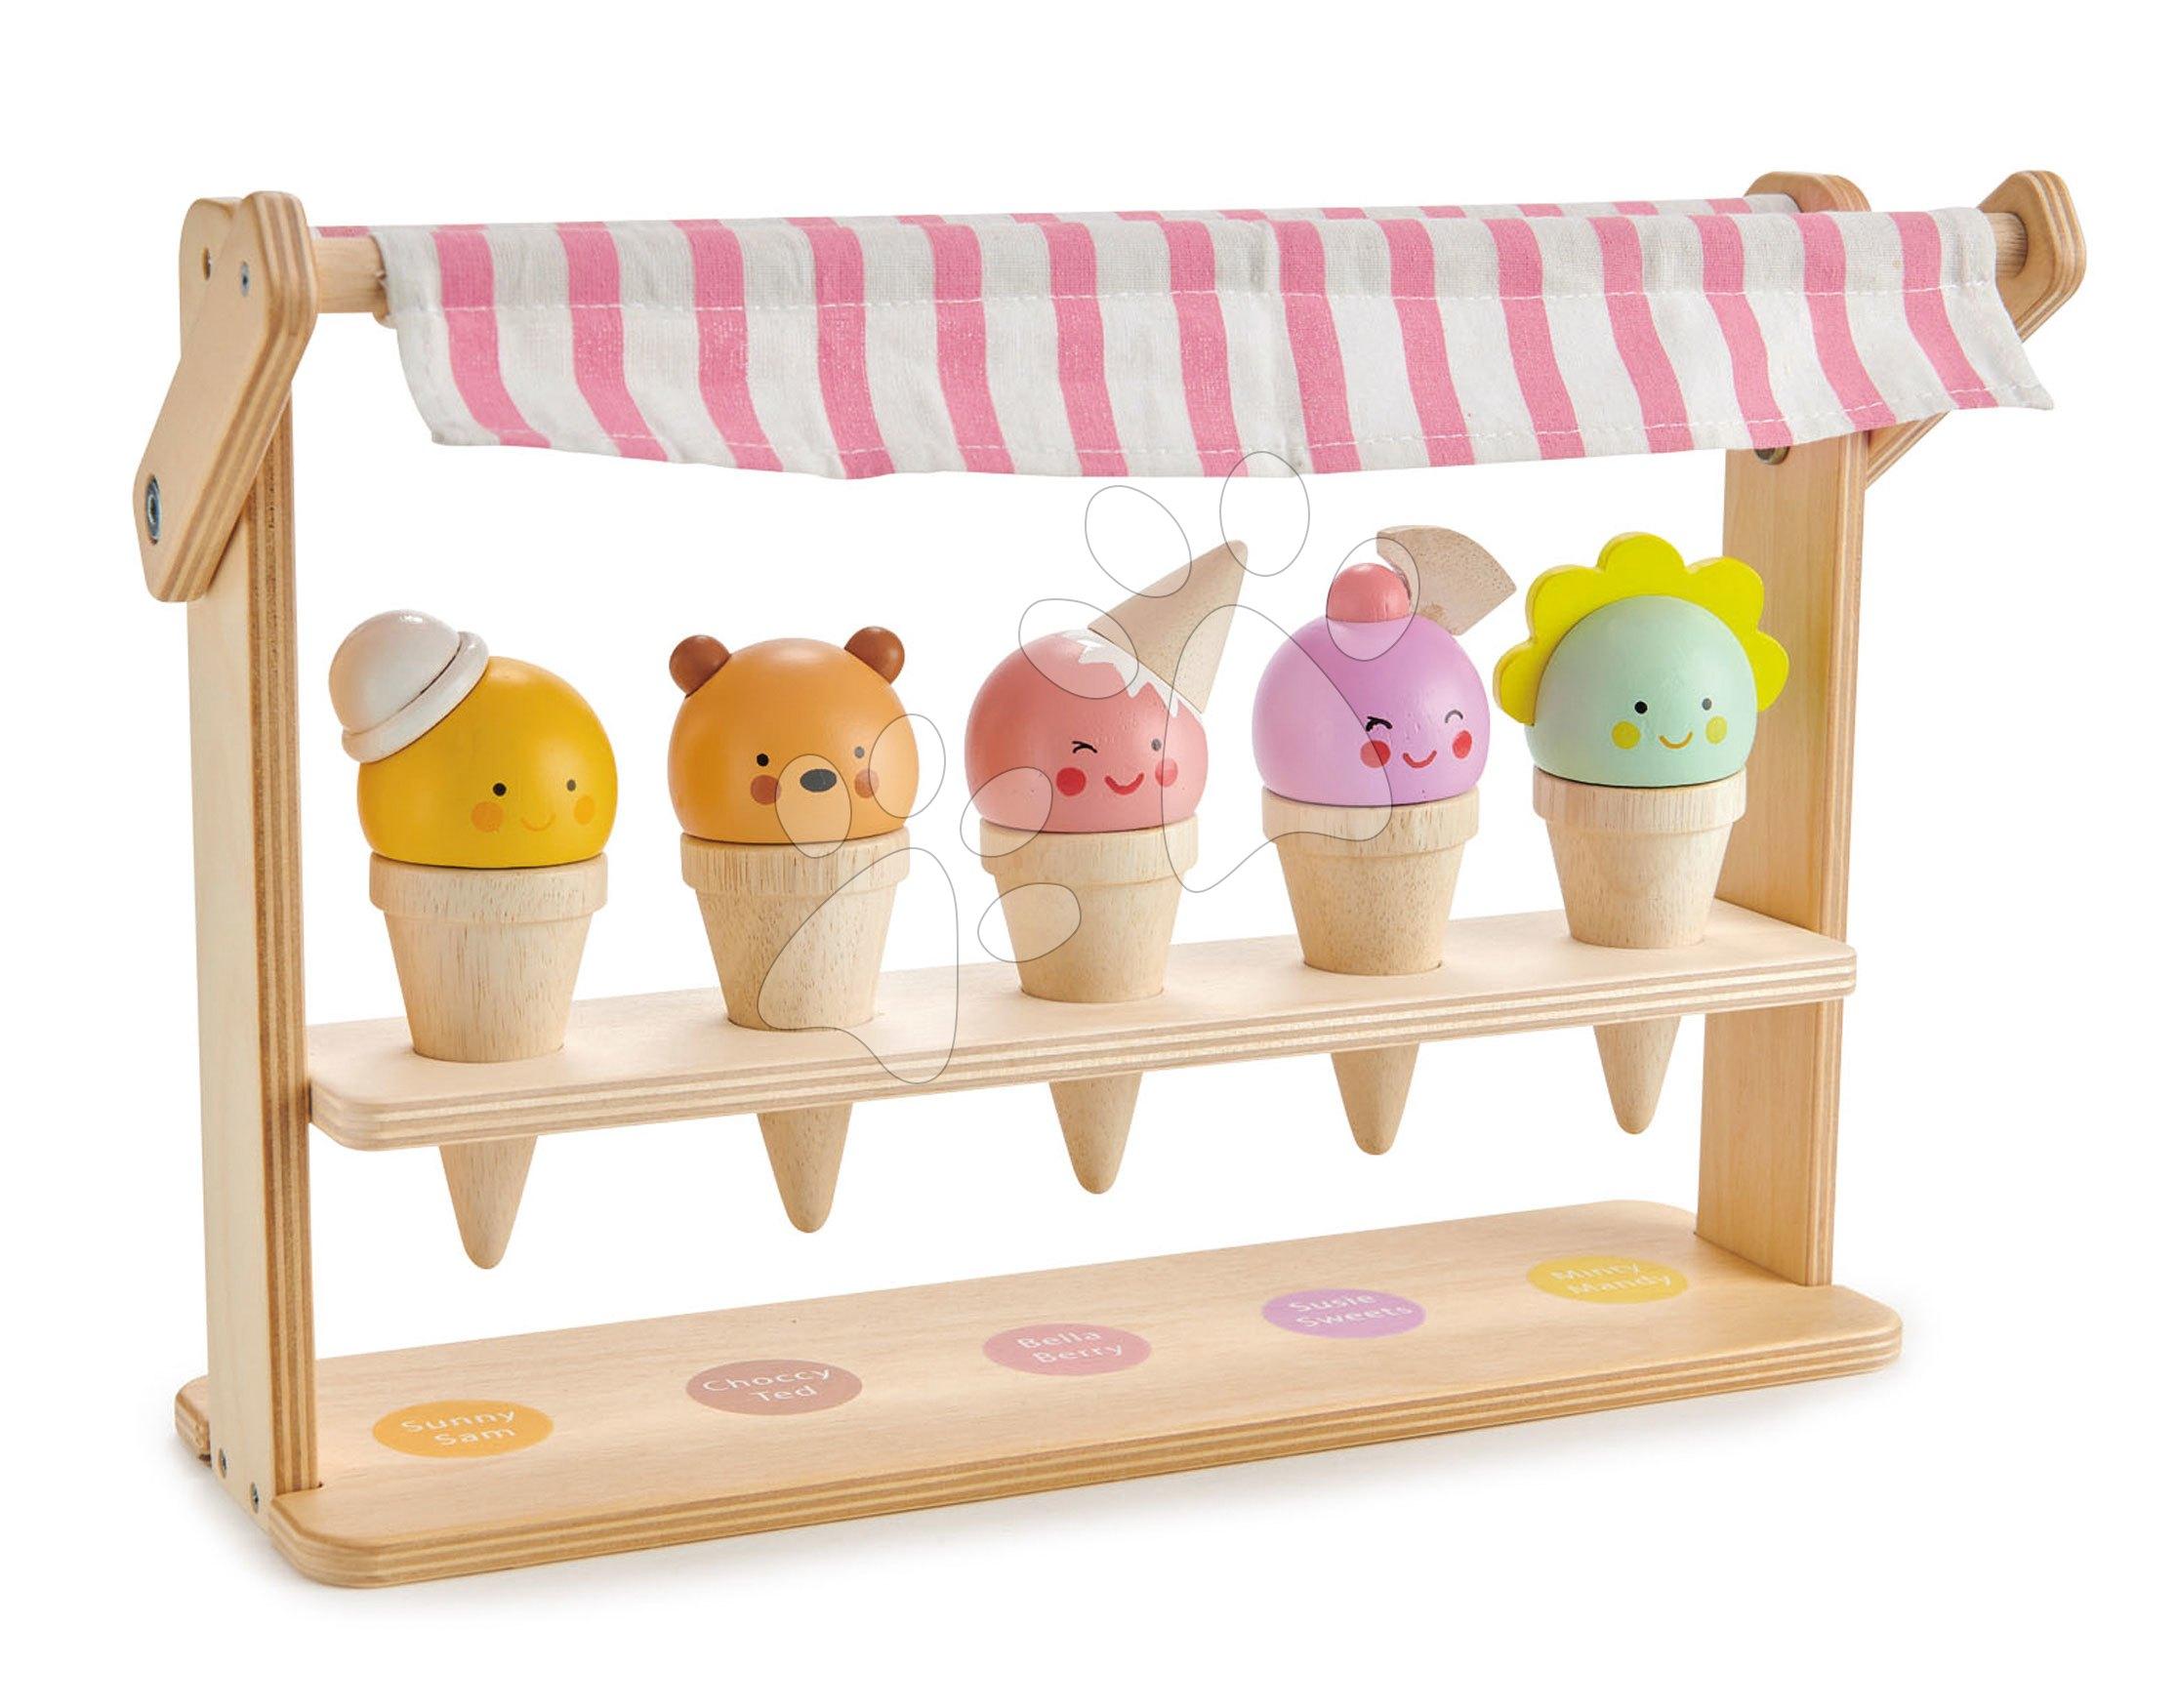 Drevená zmrzlináreň s úsmevom Scoops and Smiles Tender Leaf Toys 5 druhov kornútkov so zvieratkami